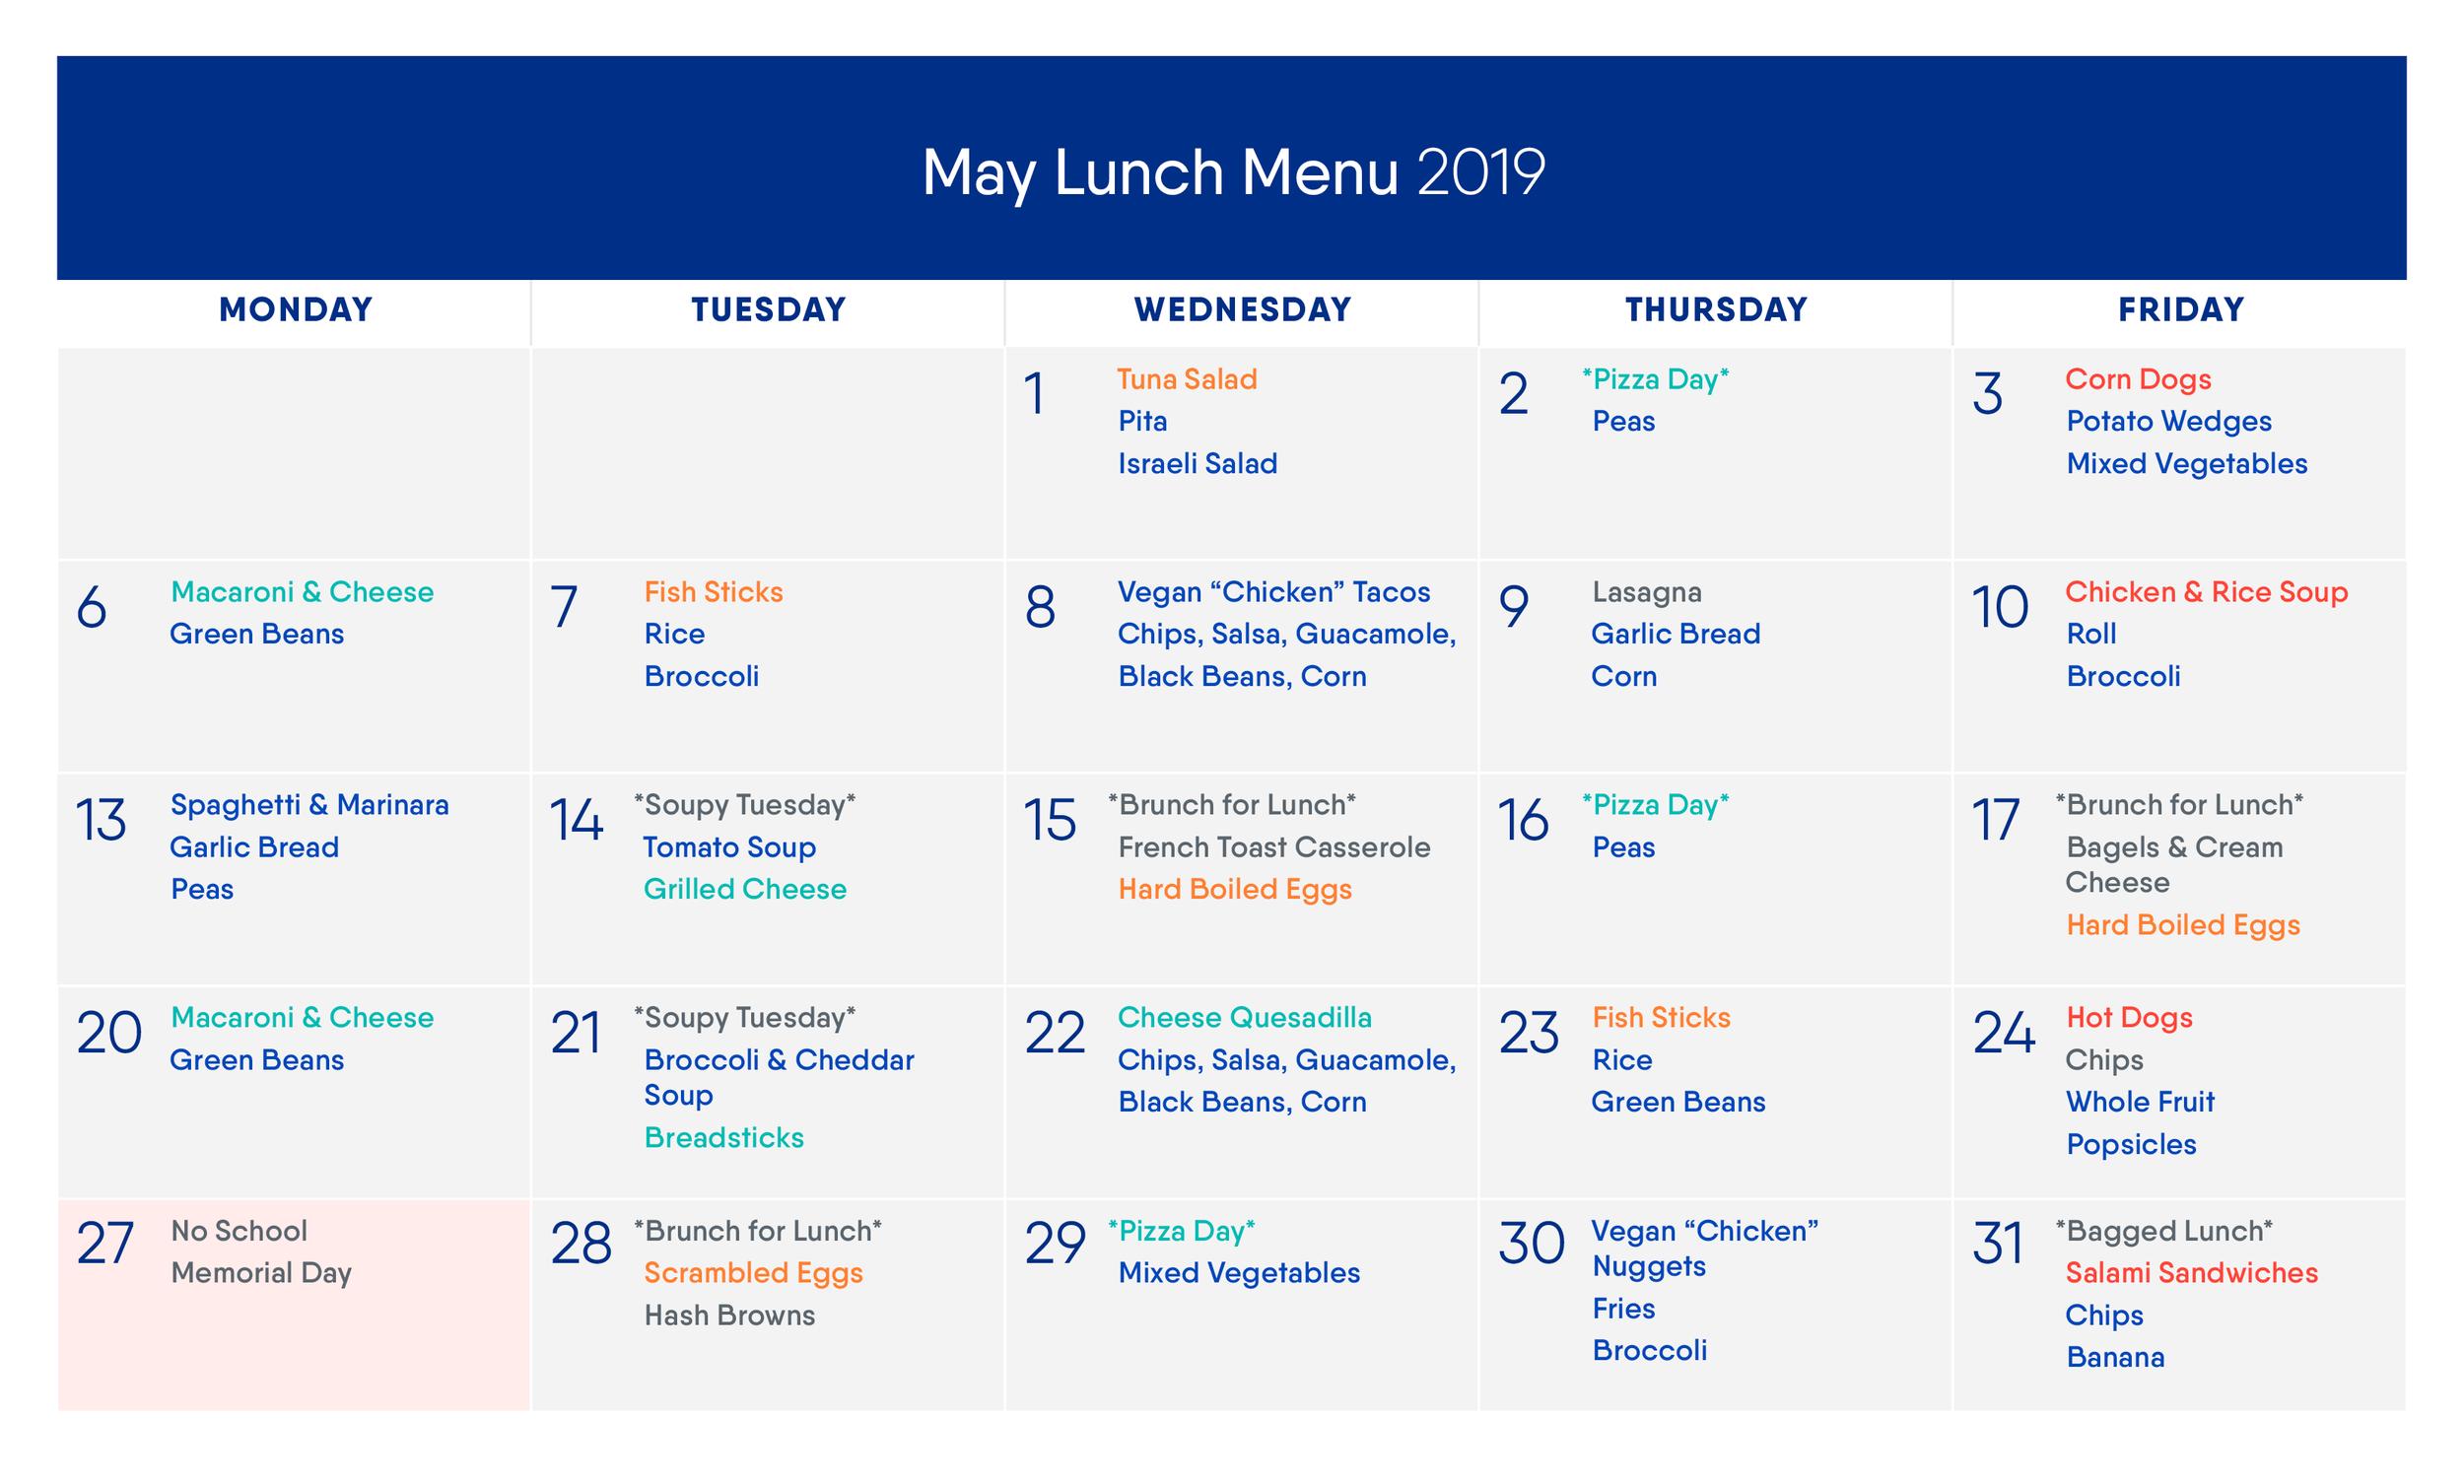 menu-2019-may.png